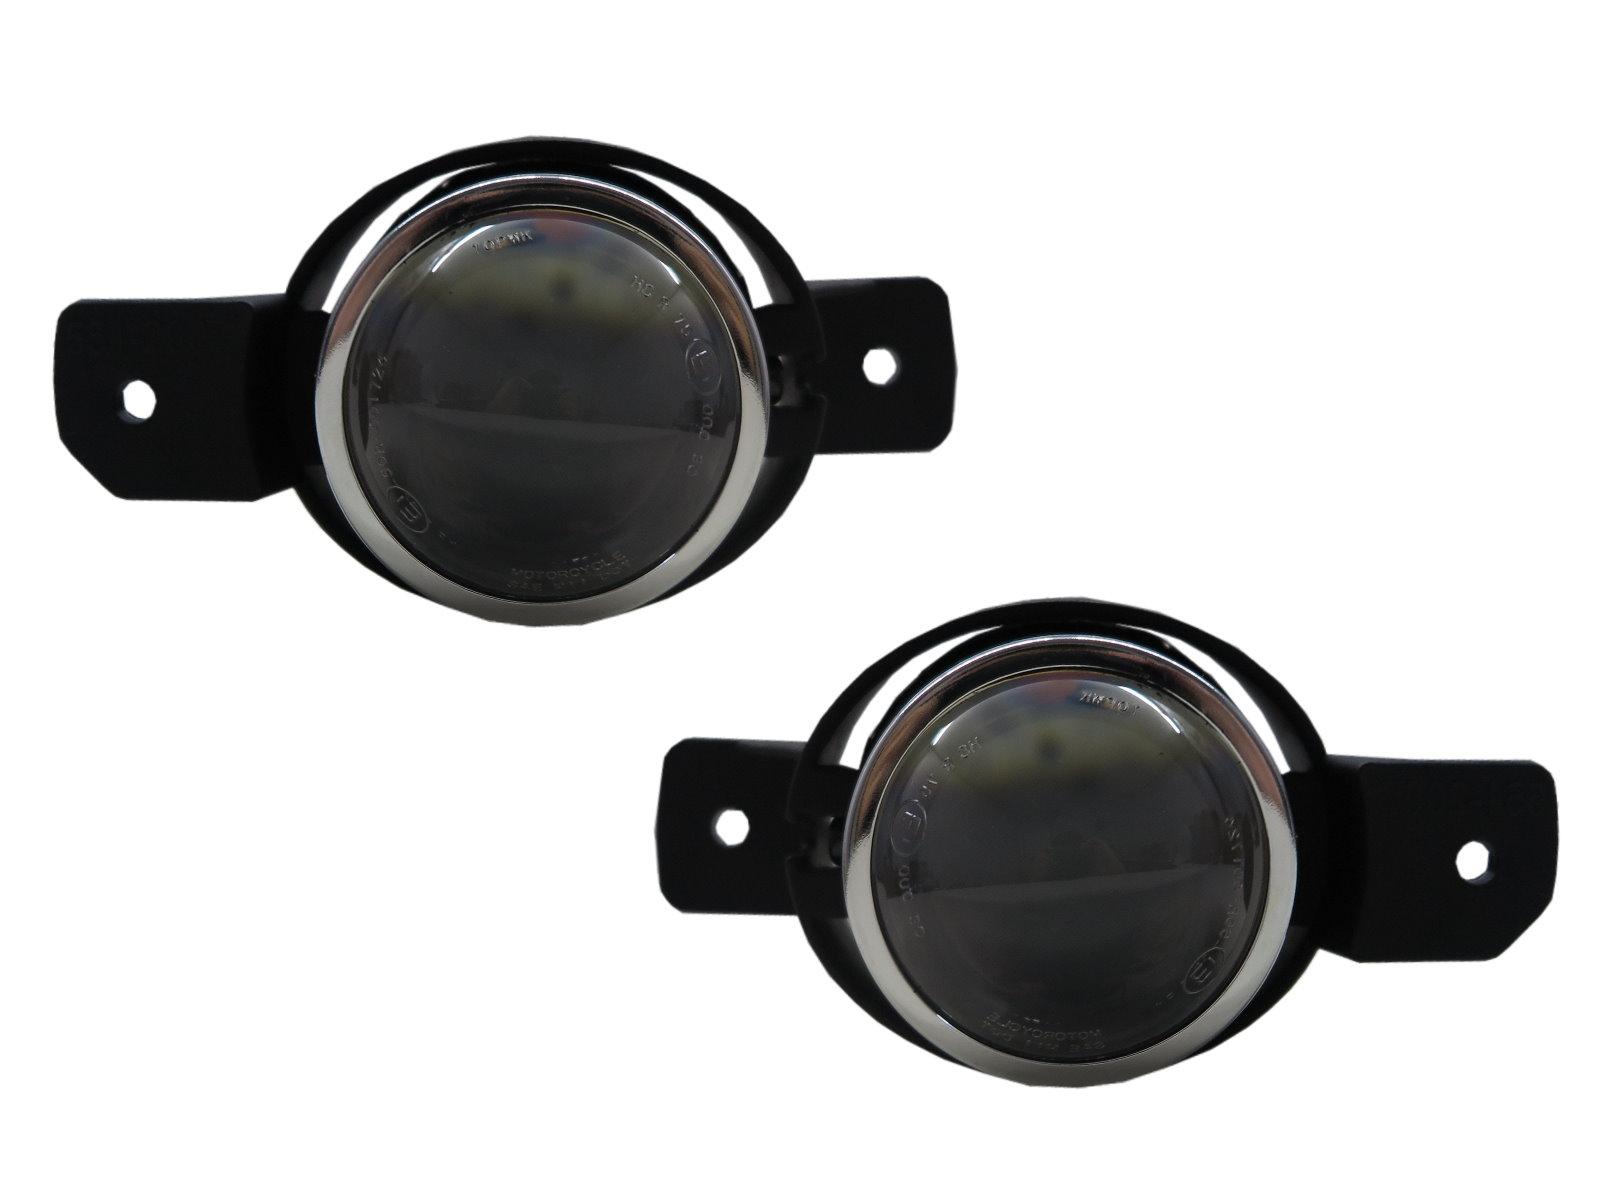 VERSA N17 Second generation 2012-2019 Sedan Projector Fog Light Black for NISSAN